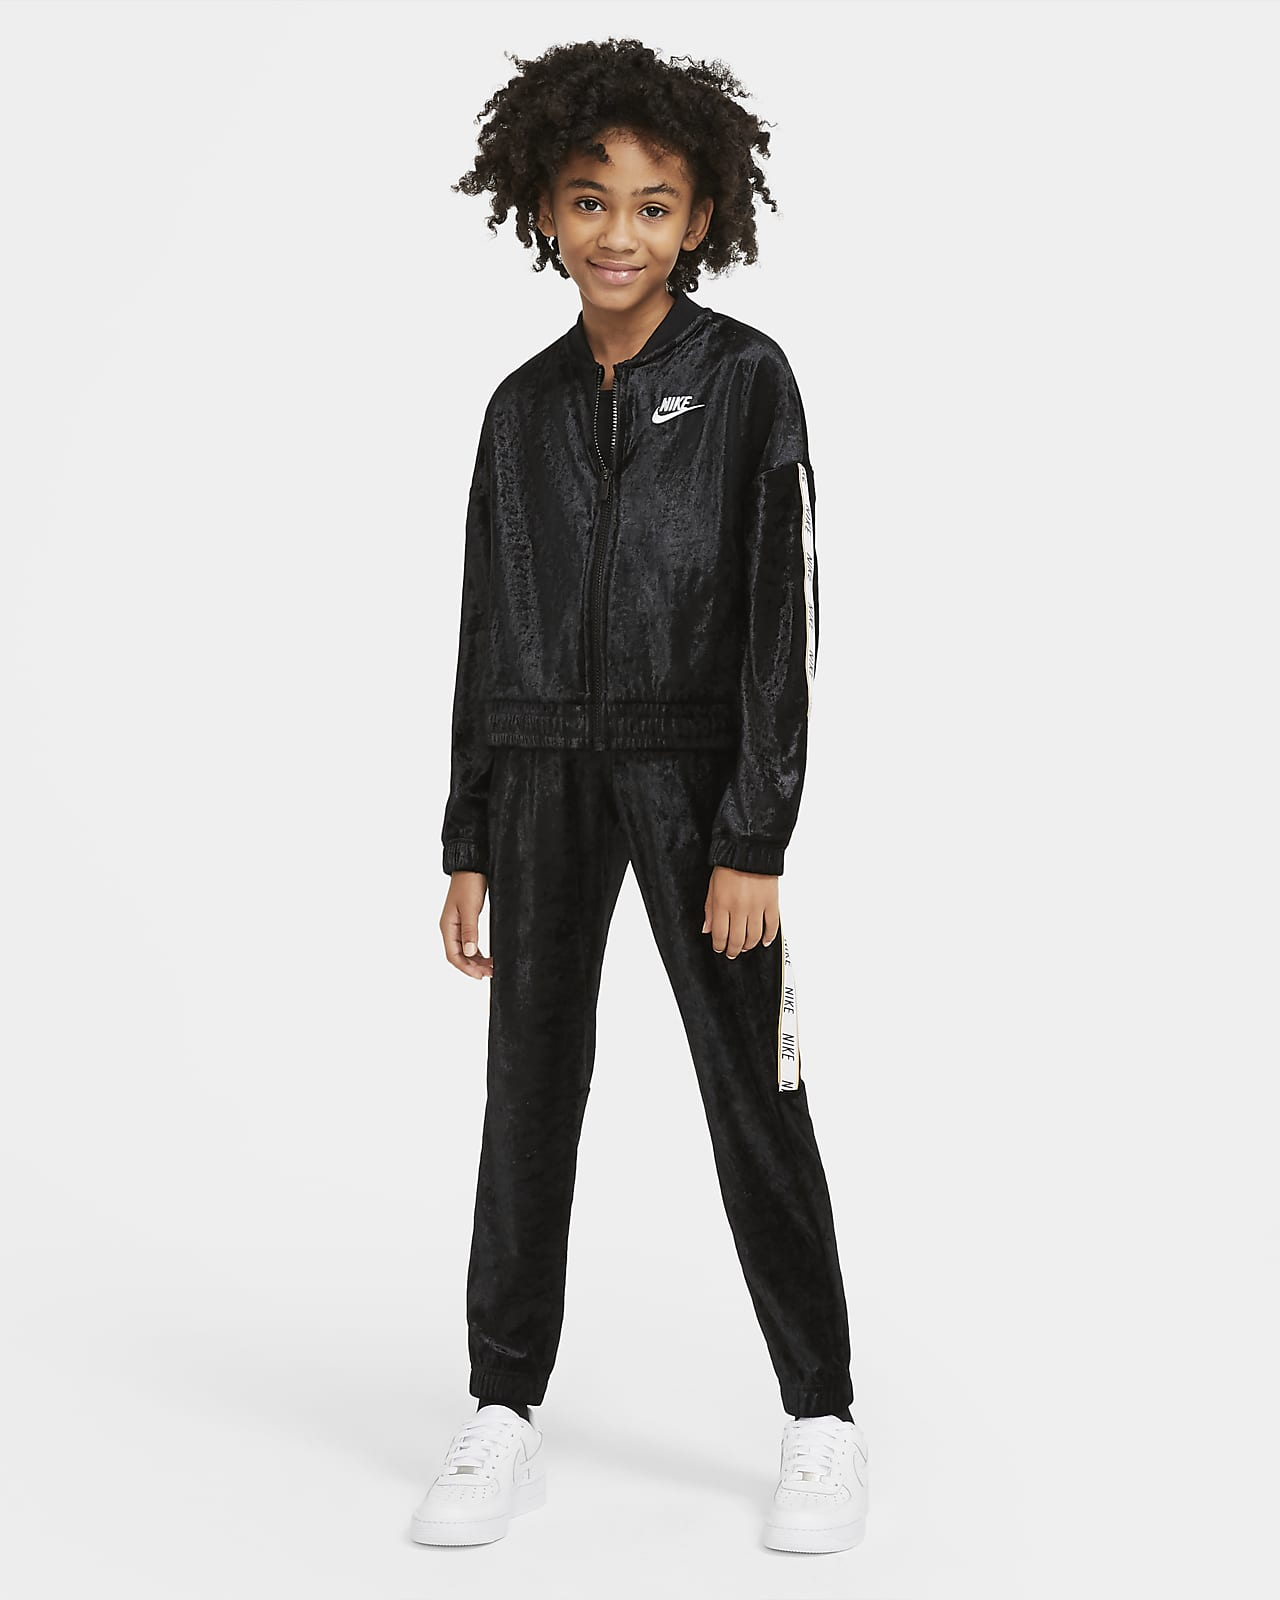 Φόρμα Nike Sportswear για μεγάλα κορίτσια